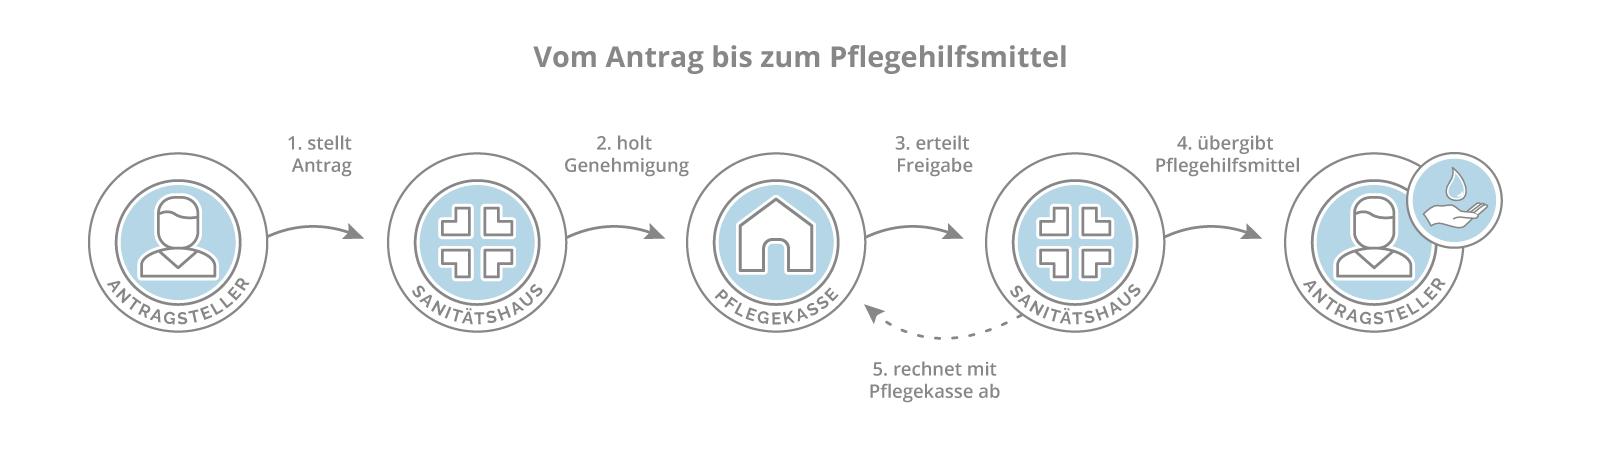 Grafik: Vom Antrag bis zum Pflegehilfsmittel